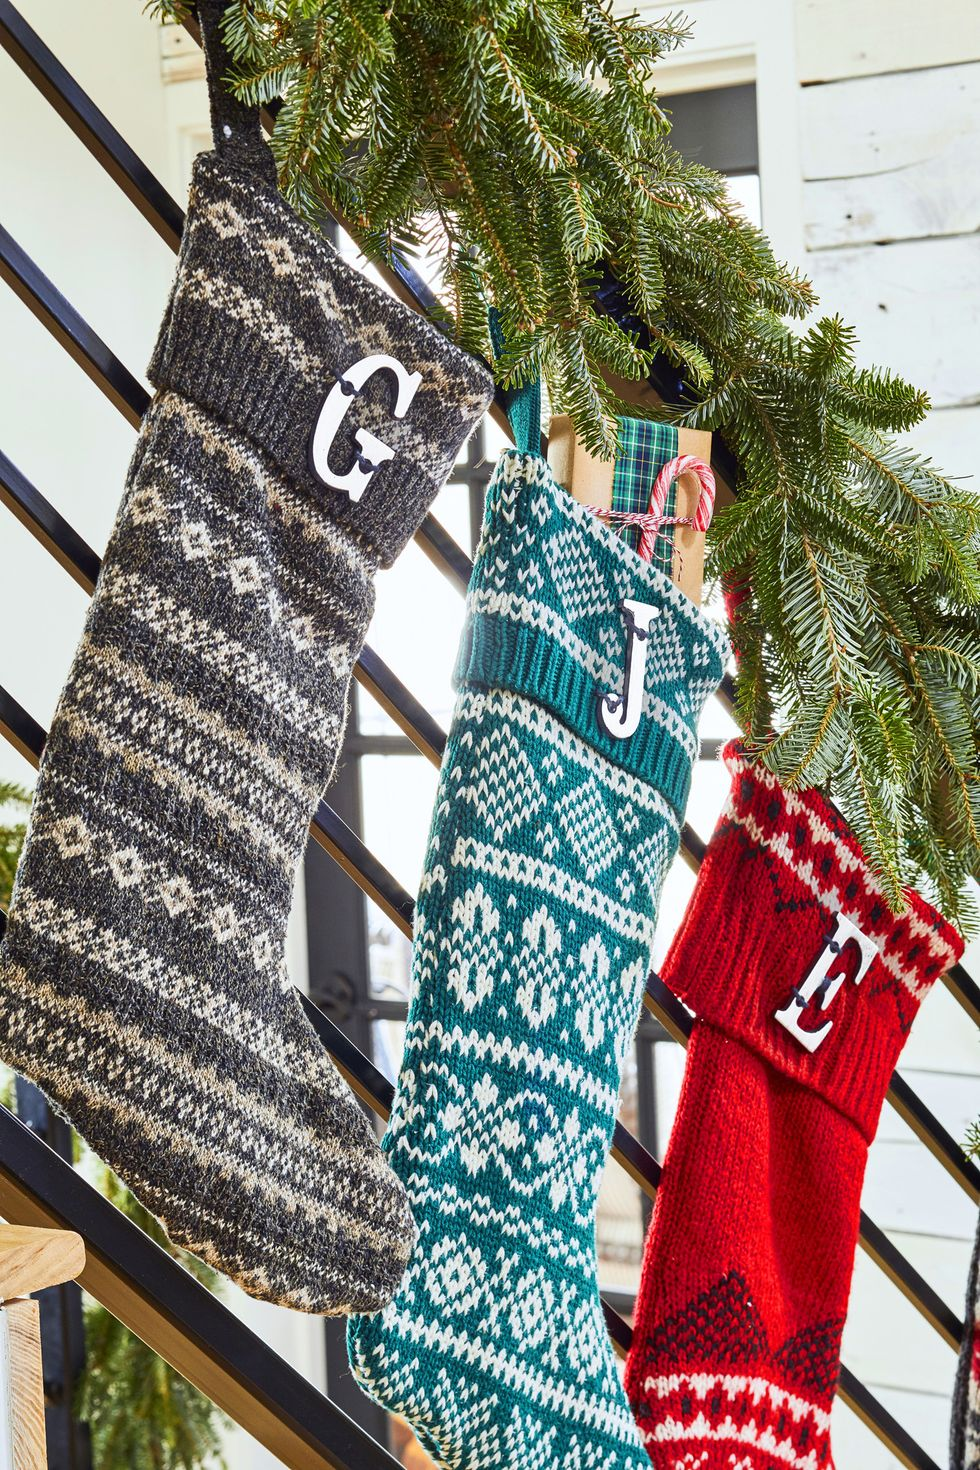 Как украсить дом к Новому году своими руками: 15 новогодний украшений, которые можно сделать легко и быстро